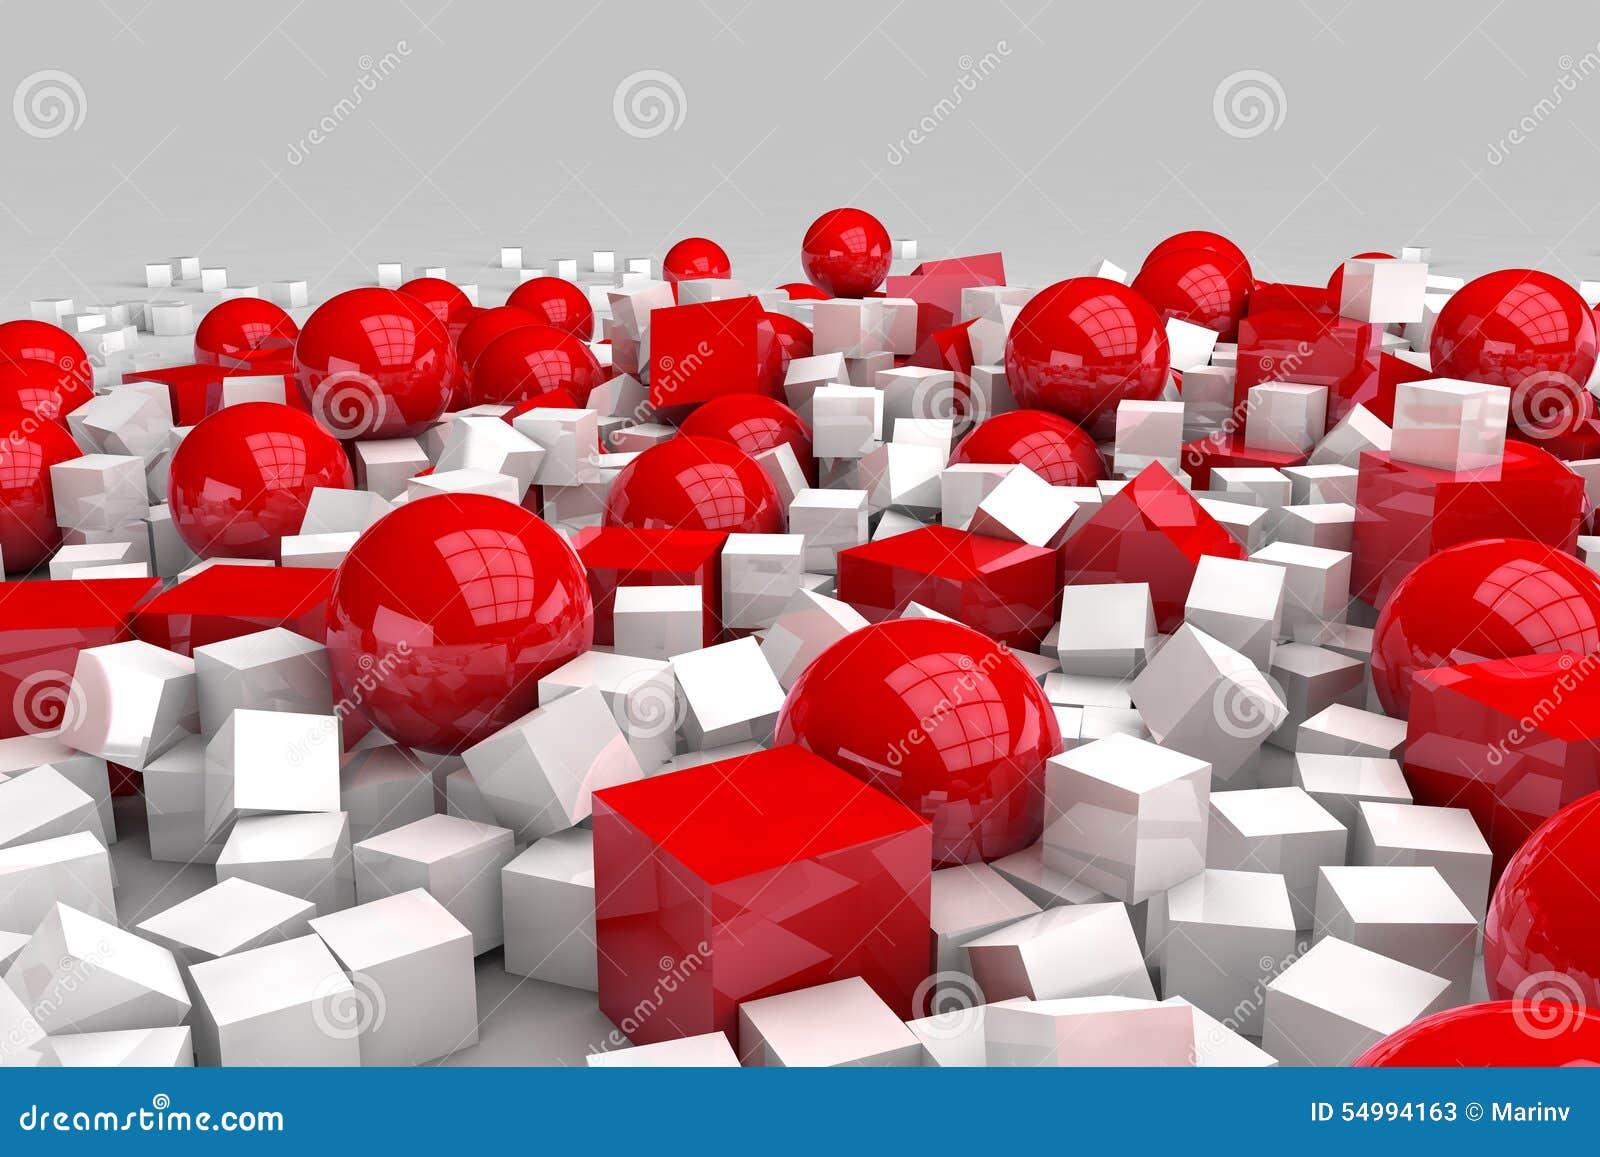 Vita och röda bollar och kuber